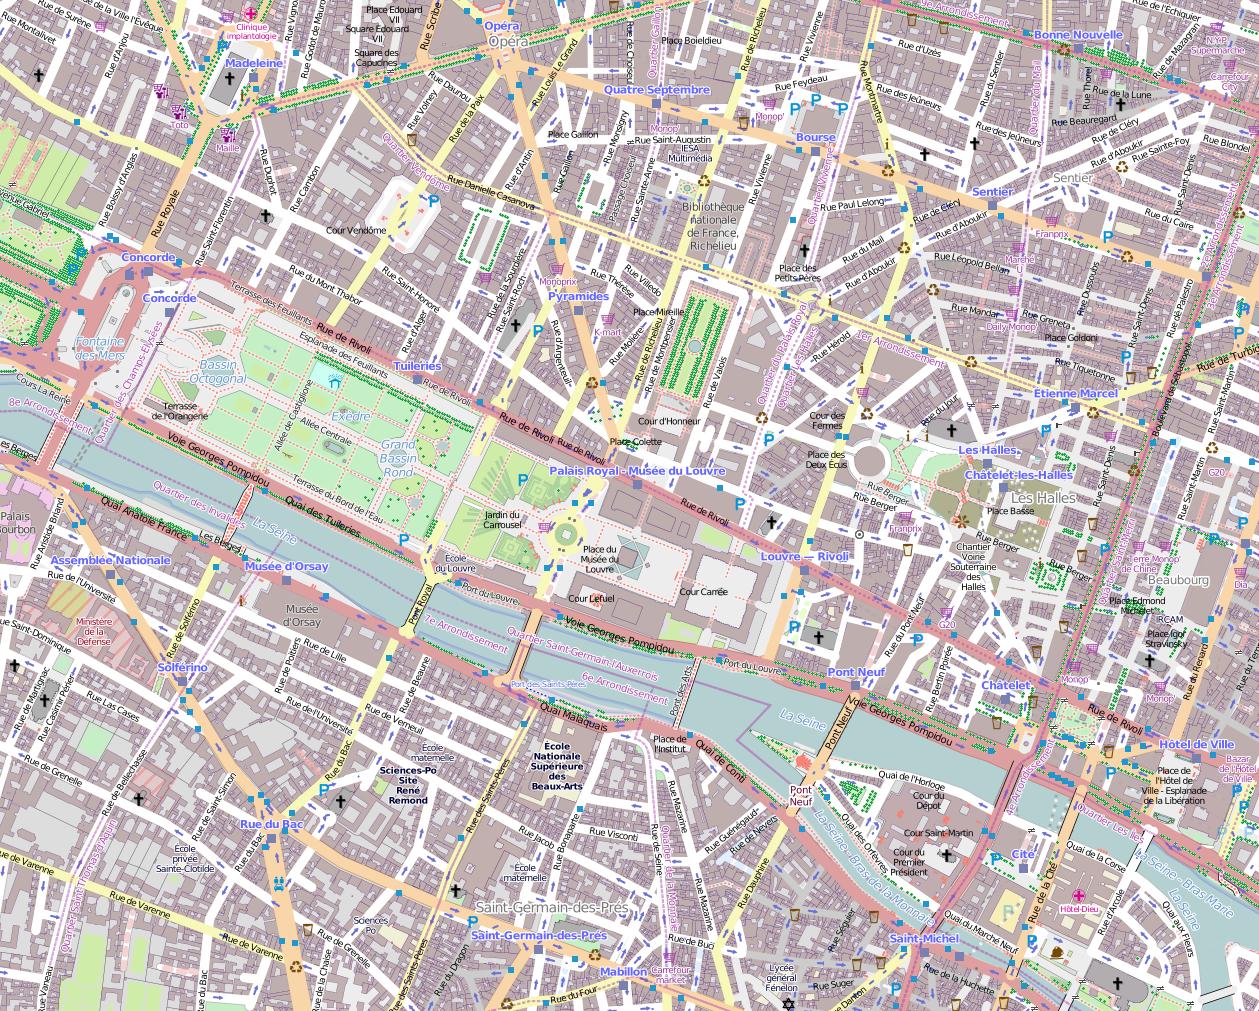 Old paris street map royalty free stock photo image 15885665 - Paris Street Plan File